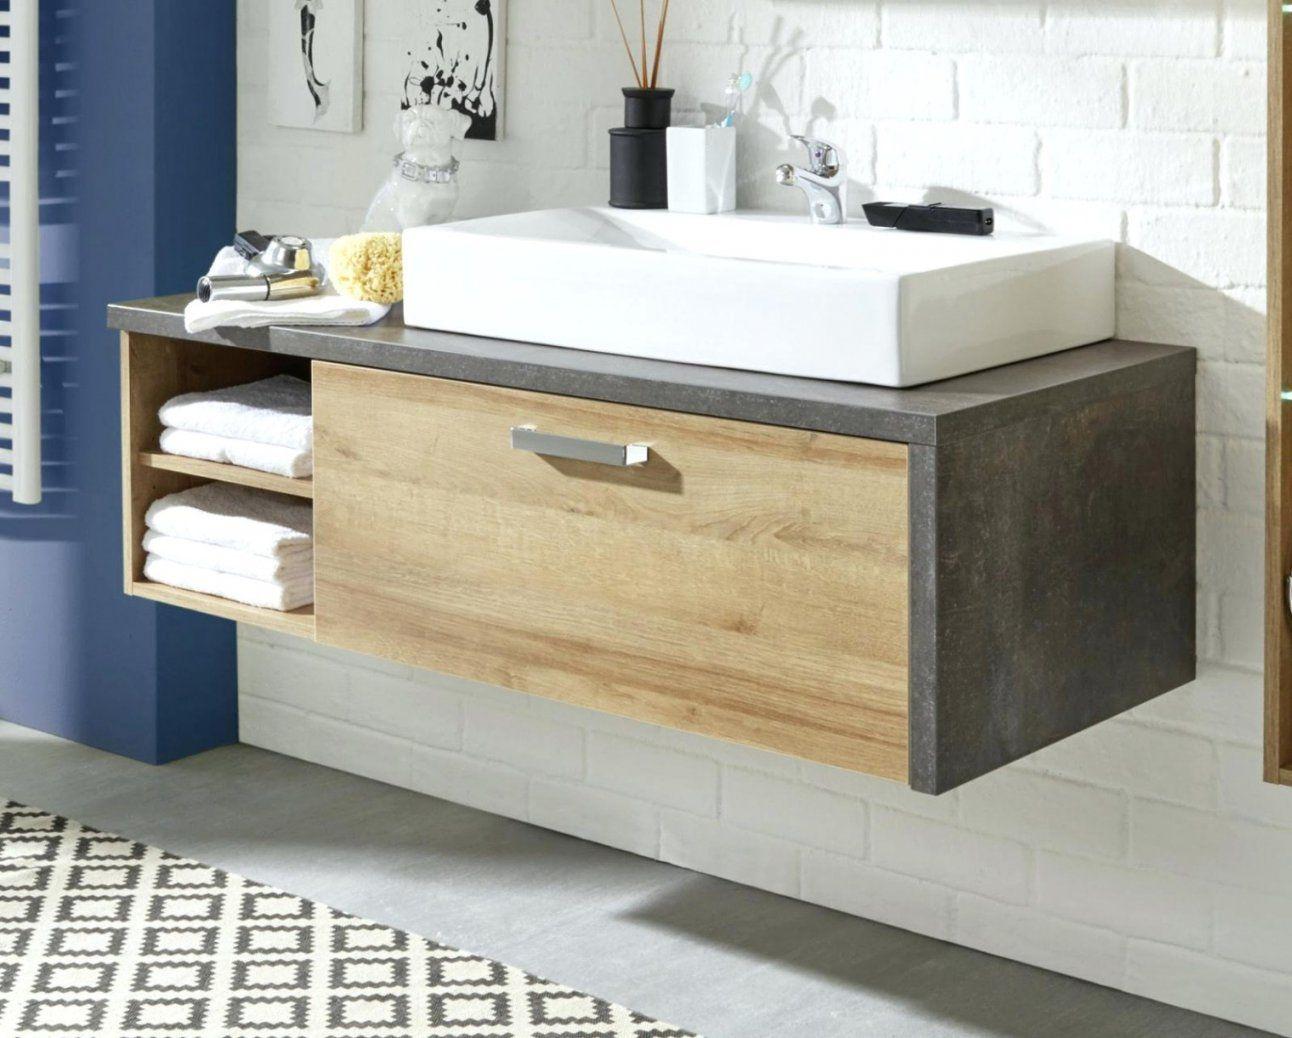 Inspirierend Waschbeckenunterschrank Fur Aufsatzwaschbecken Selber von Unterschrank Für Aufsatzwaschbecken Selber Bauen Bild